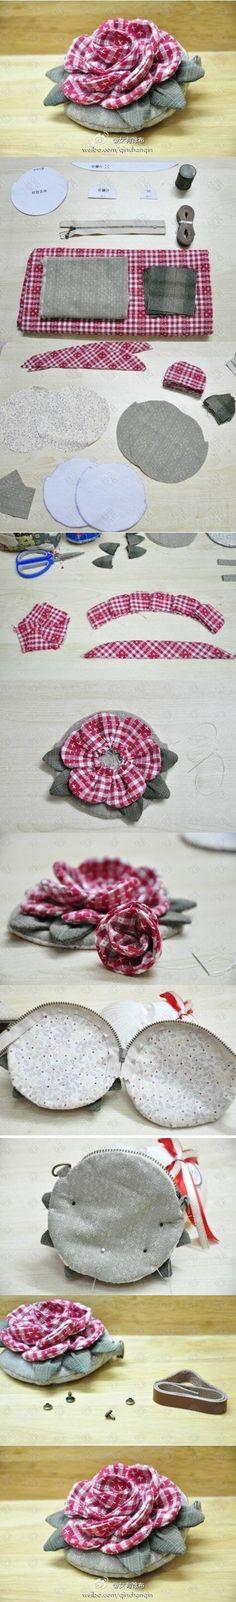 El monedero con la flor de proyectos de bricolaje                              …